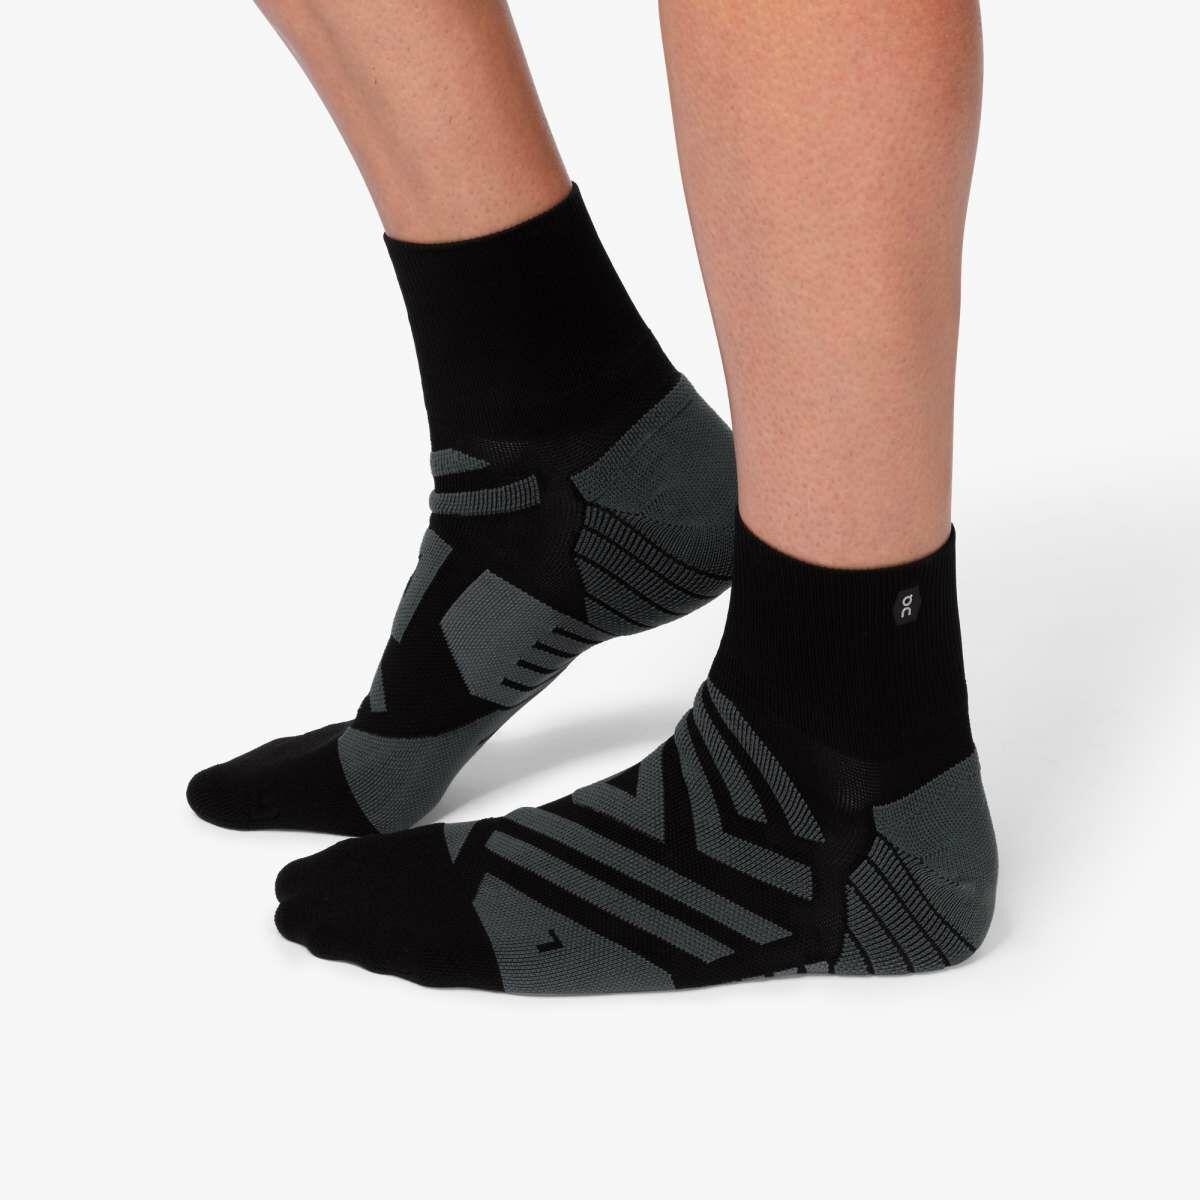 ON Mid Sock Black Shadow (Black Shadow)